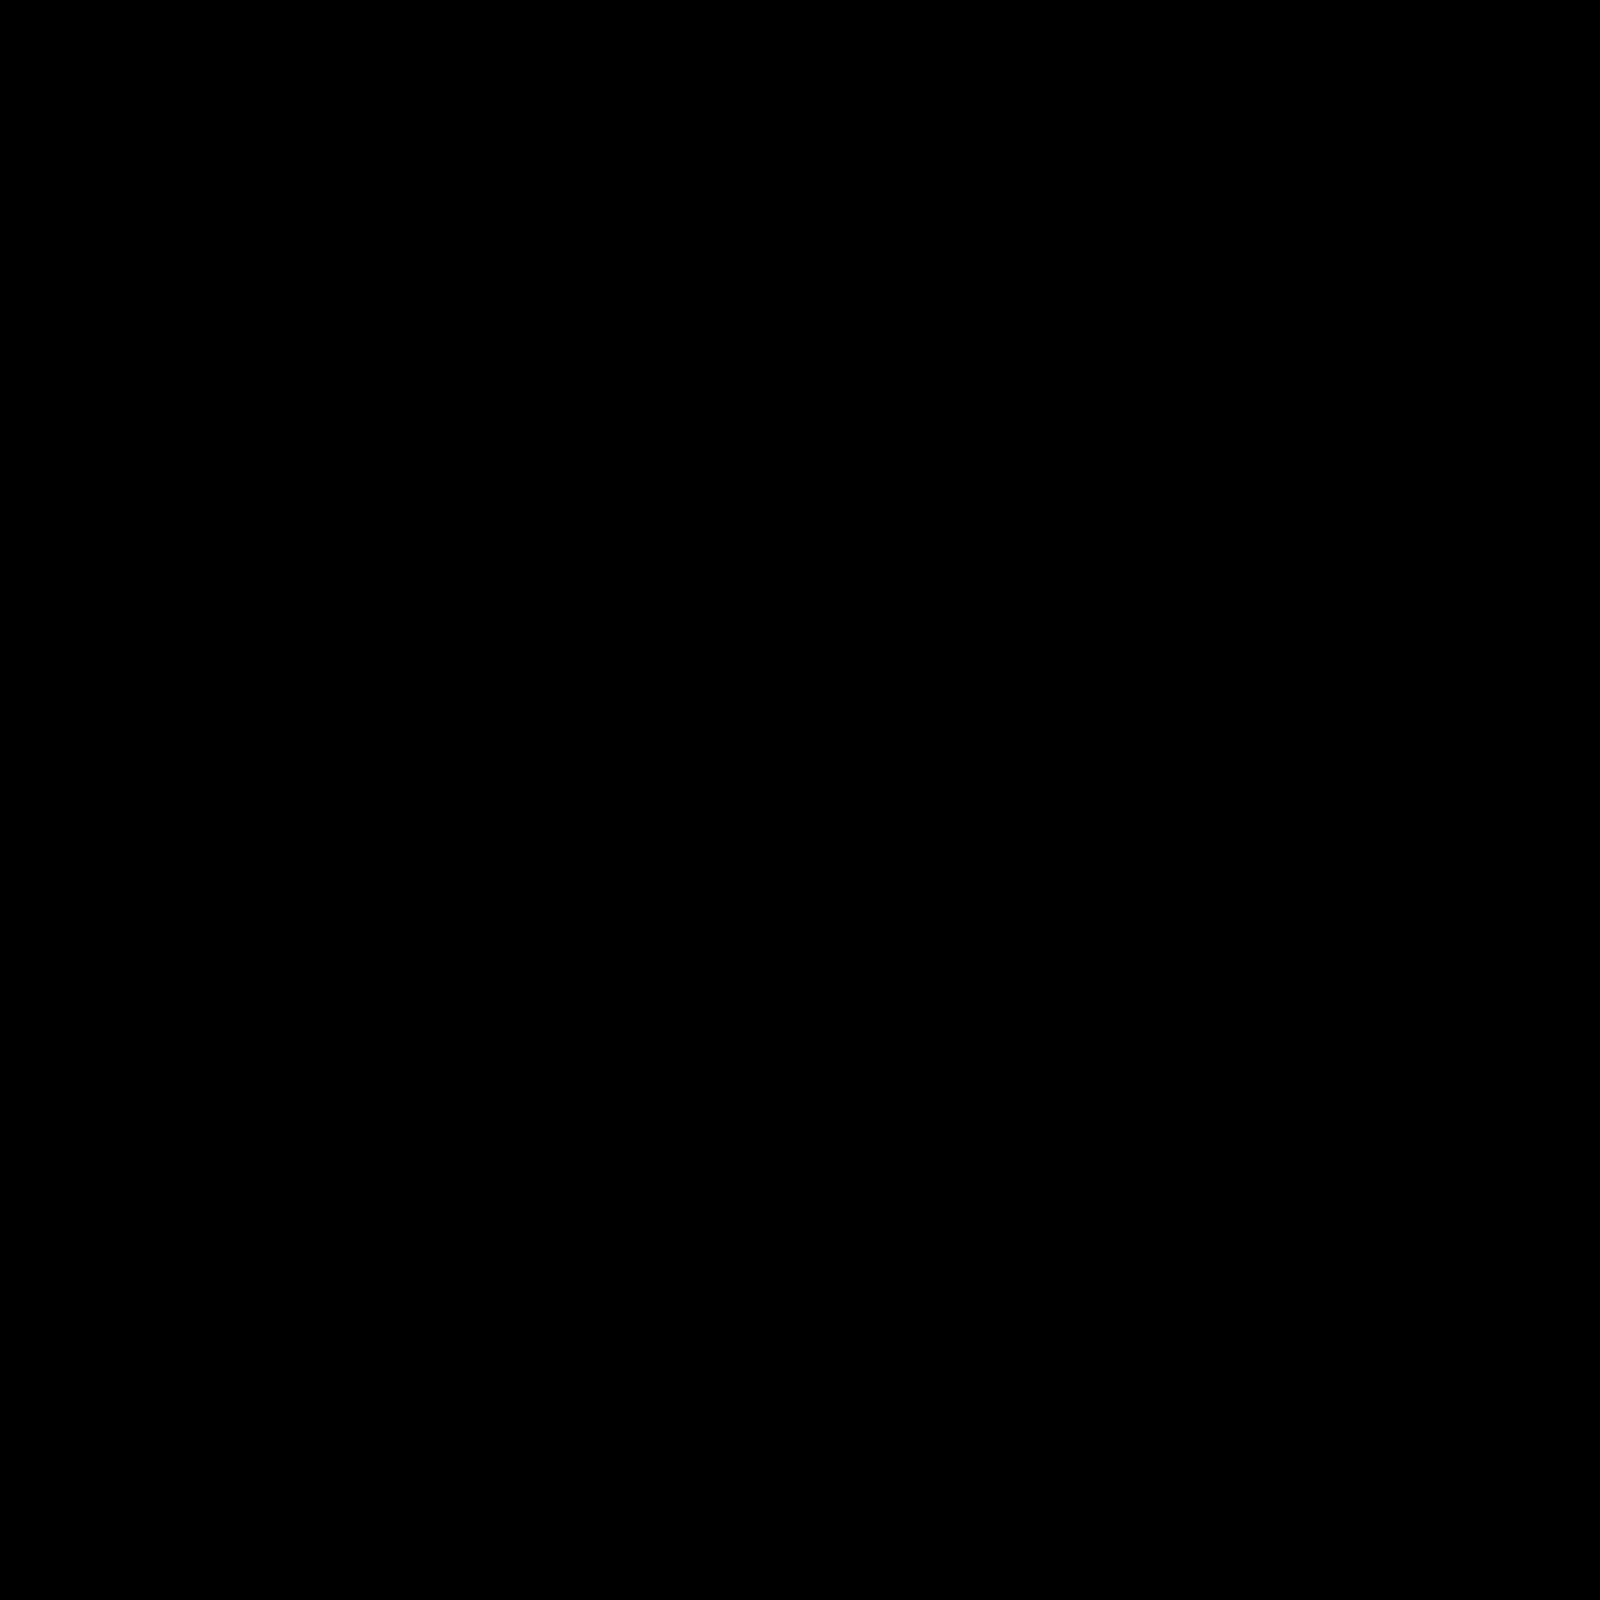 Agrafka icon